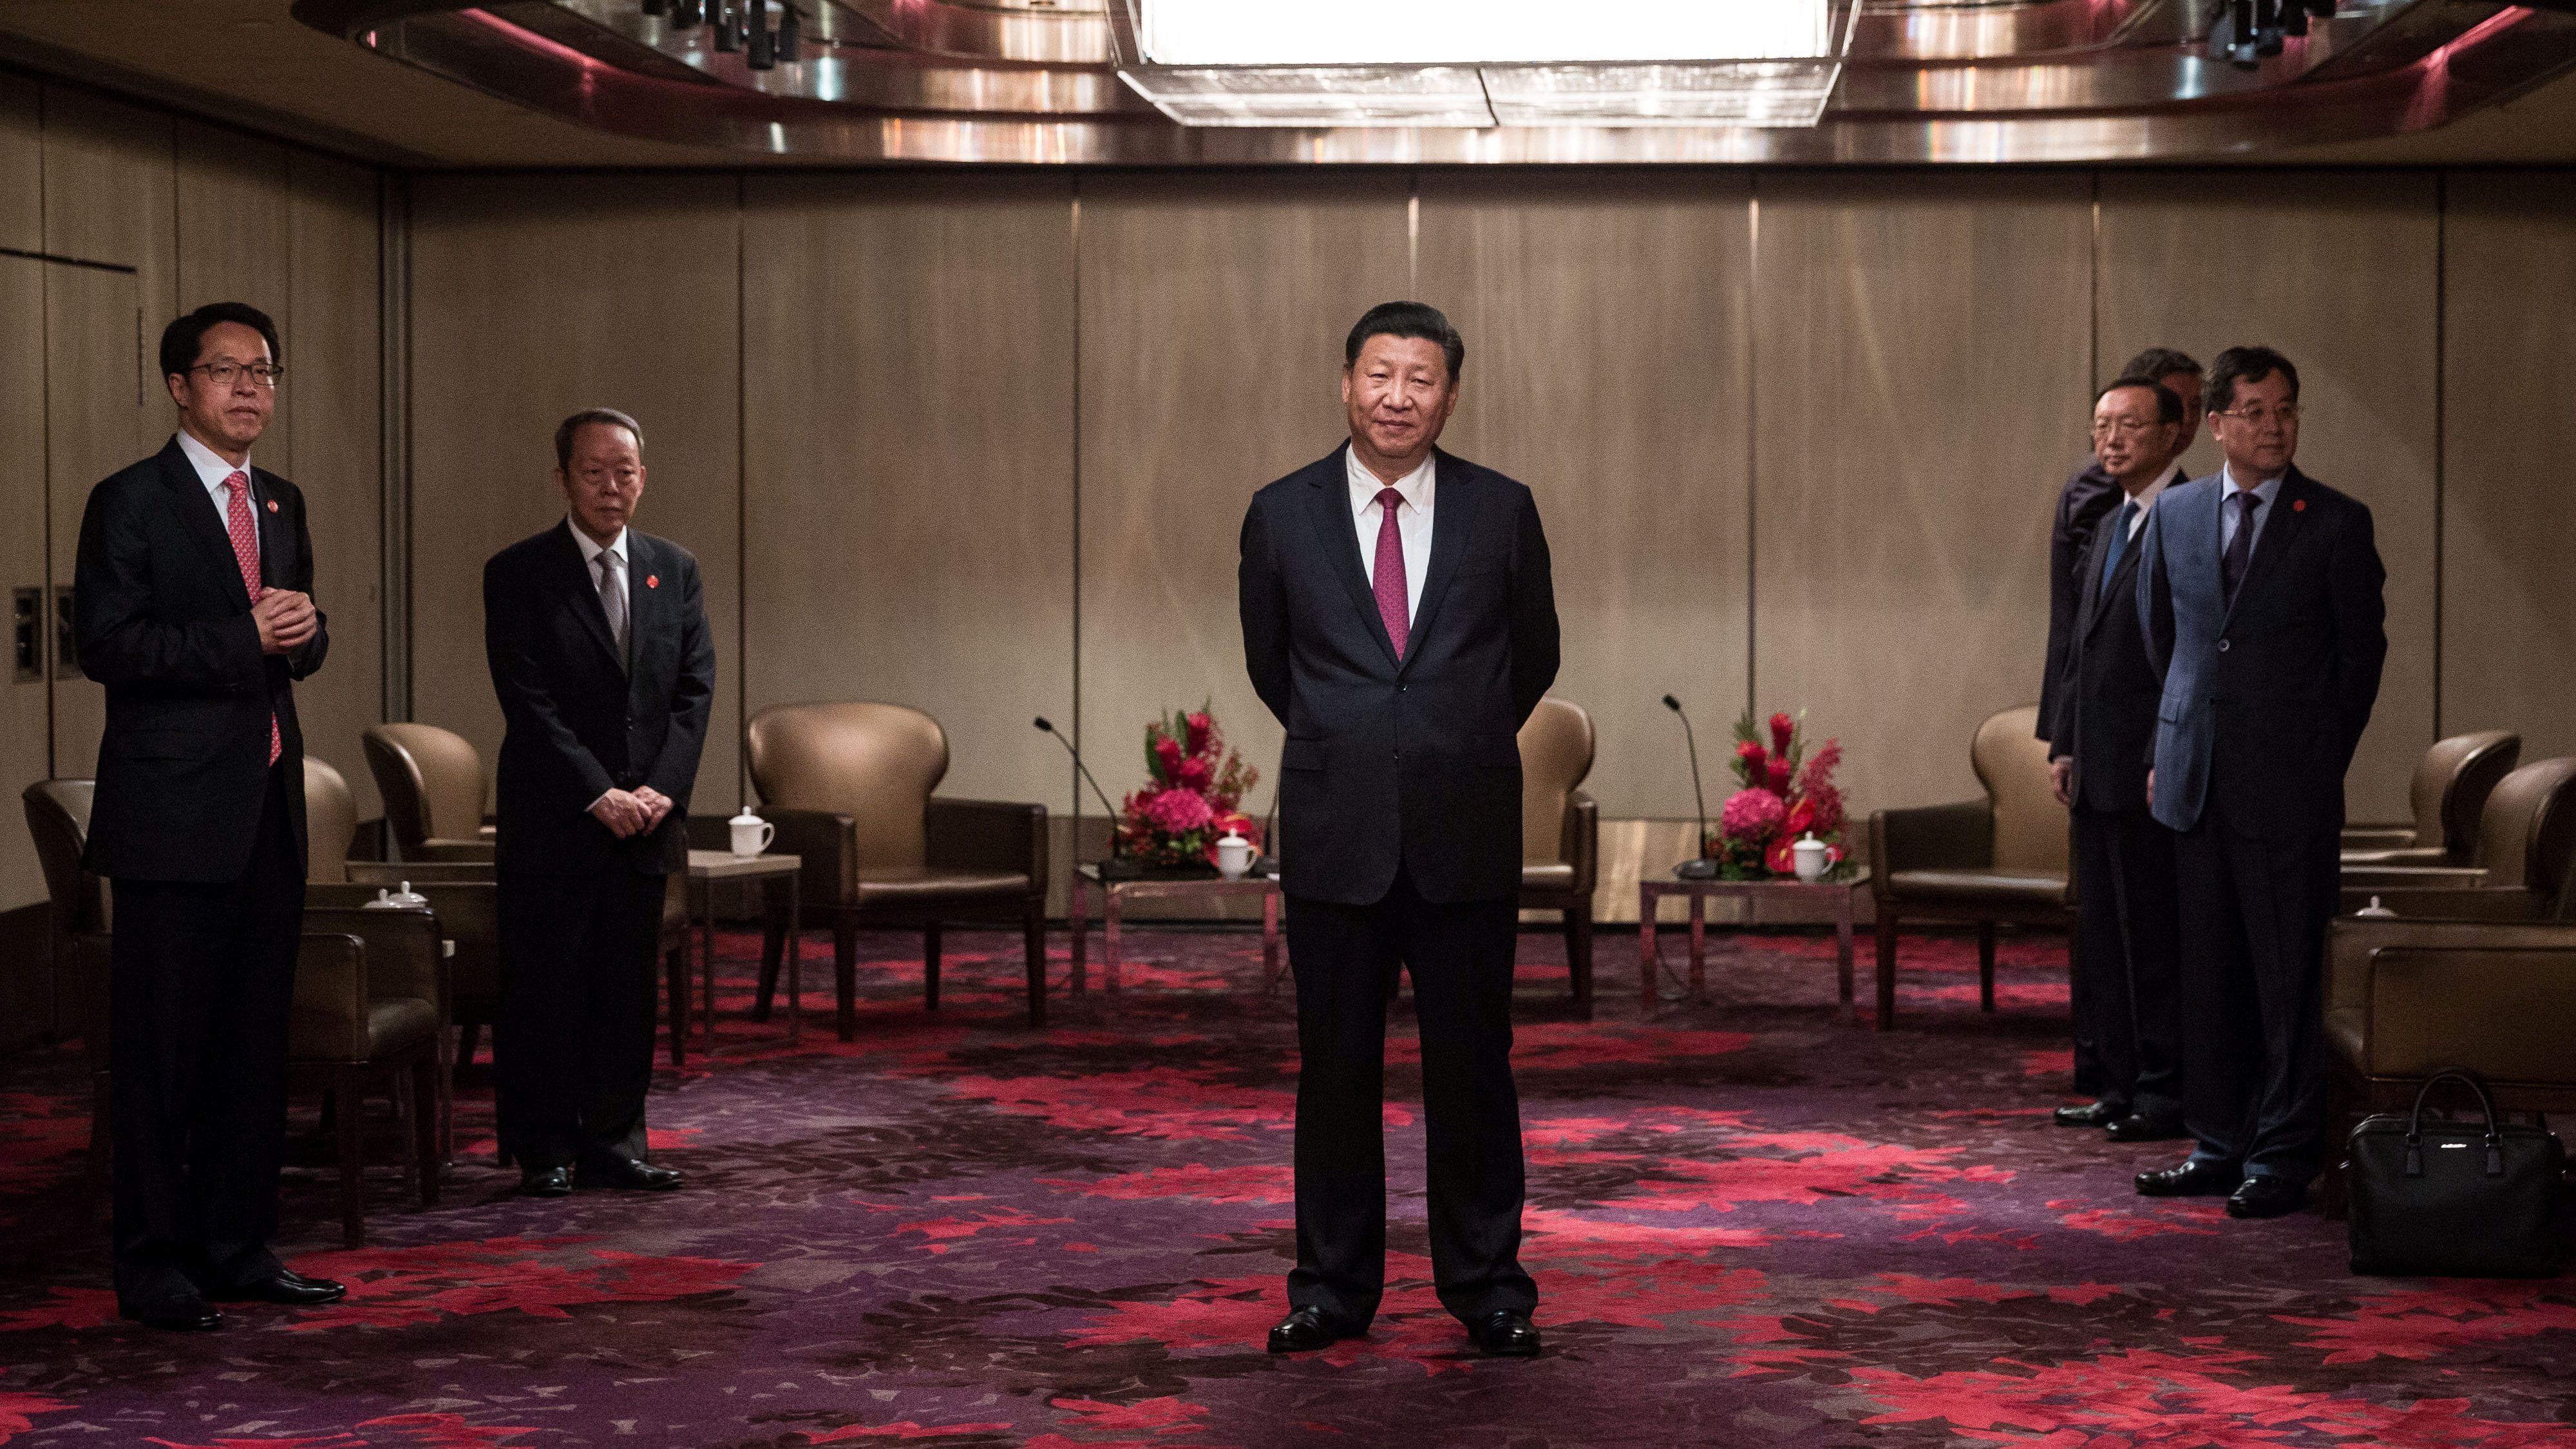 China's President Xi Jinping waits to meet with outgoing Hong Kong Chief Executive Leung Chun-ying at a hotel in Hong Kong, China, June 29, 2017.